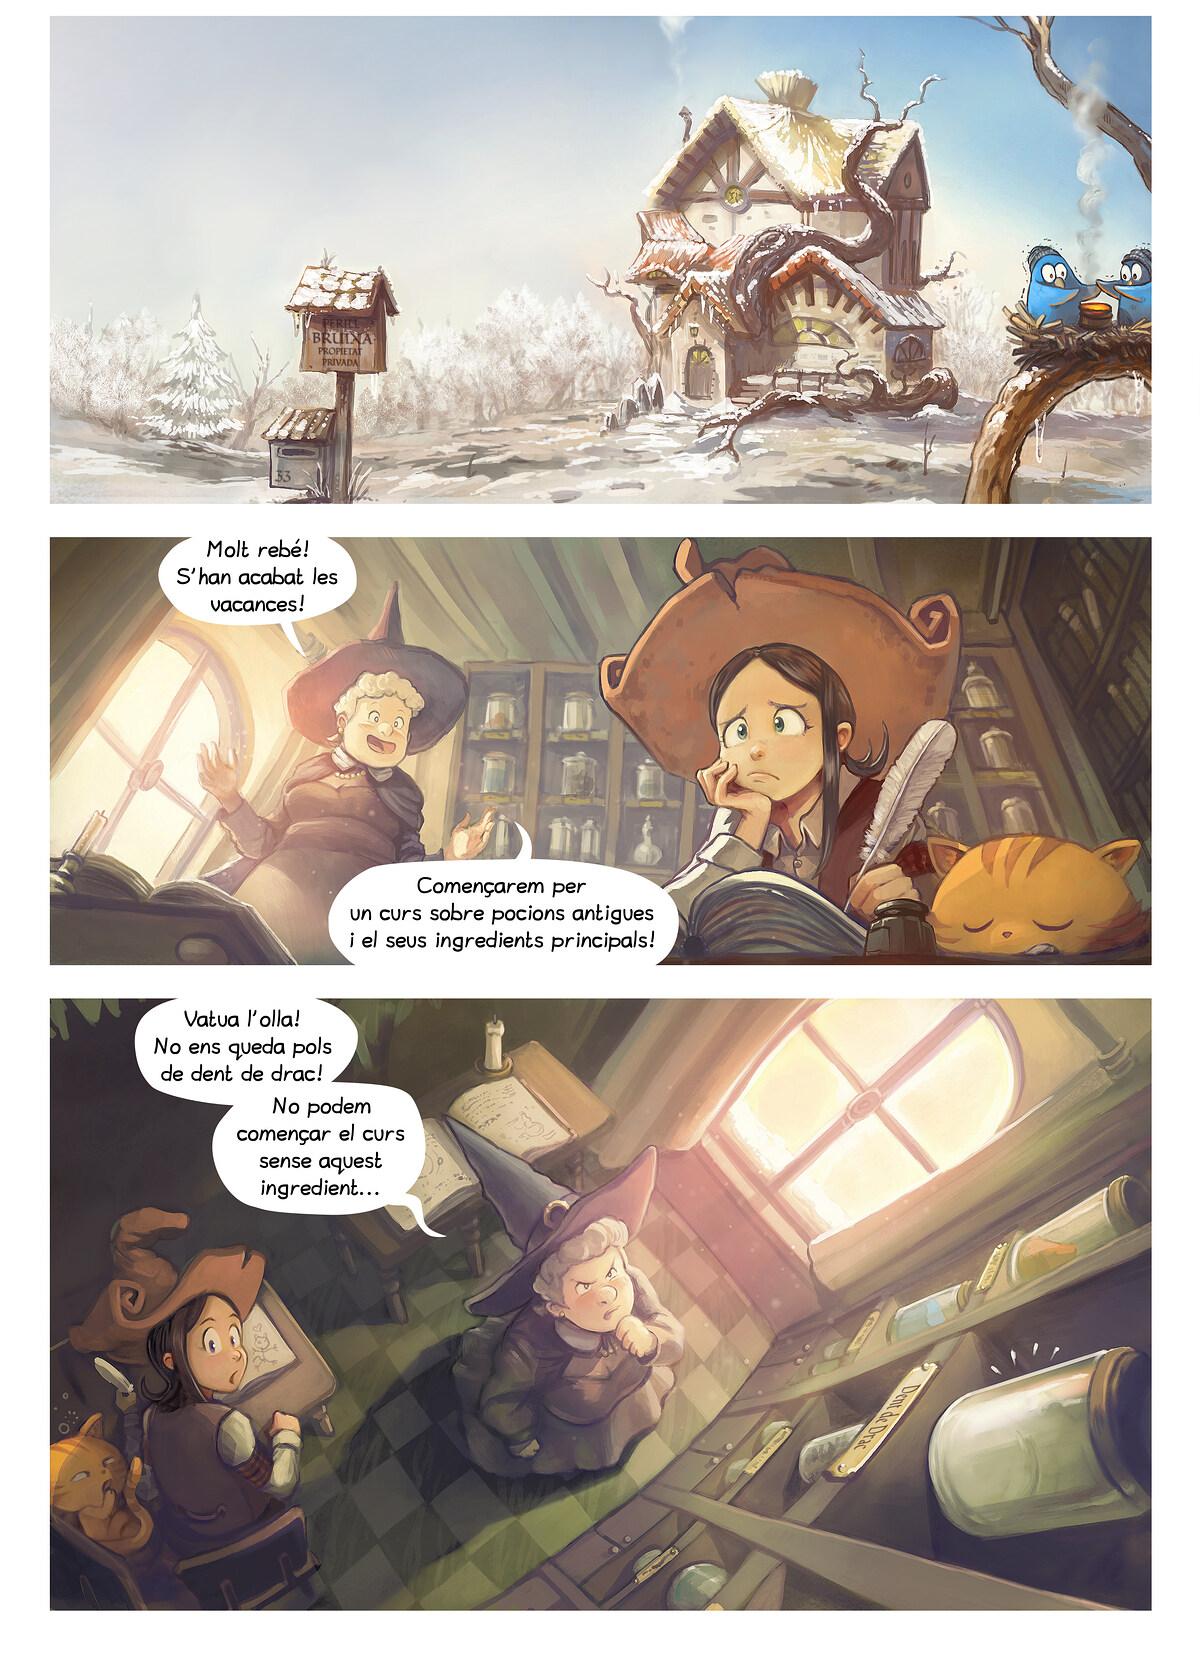 A webcomic page of Pepper&Carrot, episodi 14 [ca], pàgina 1